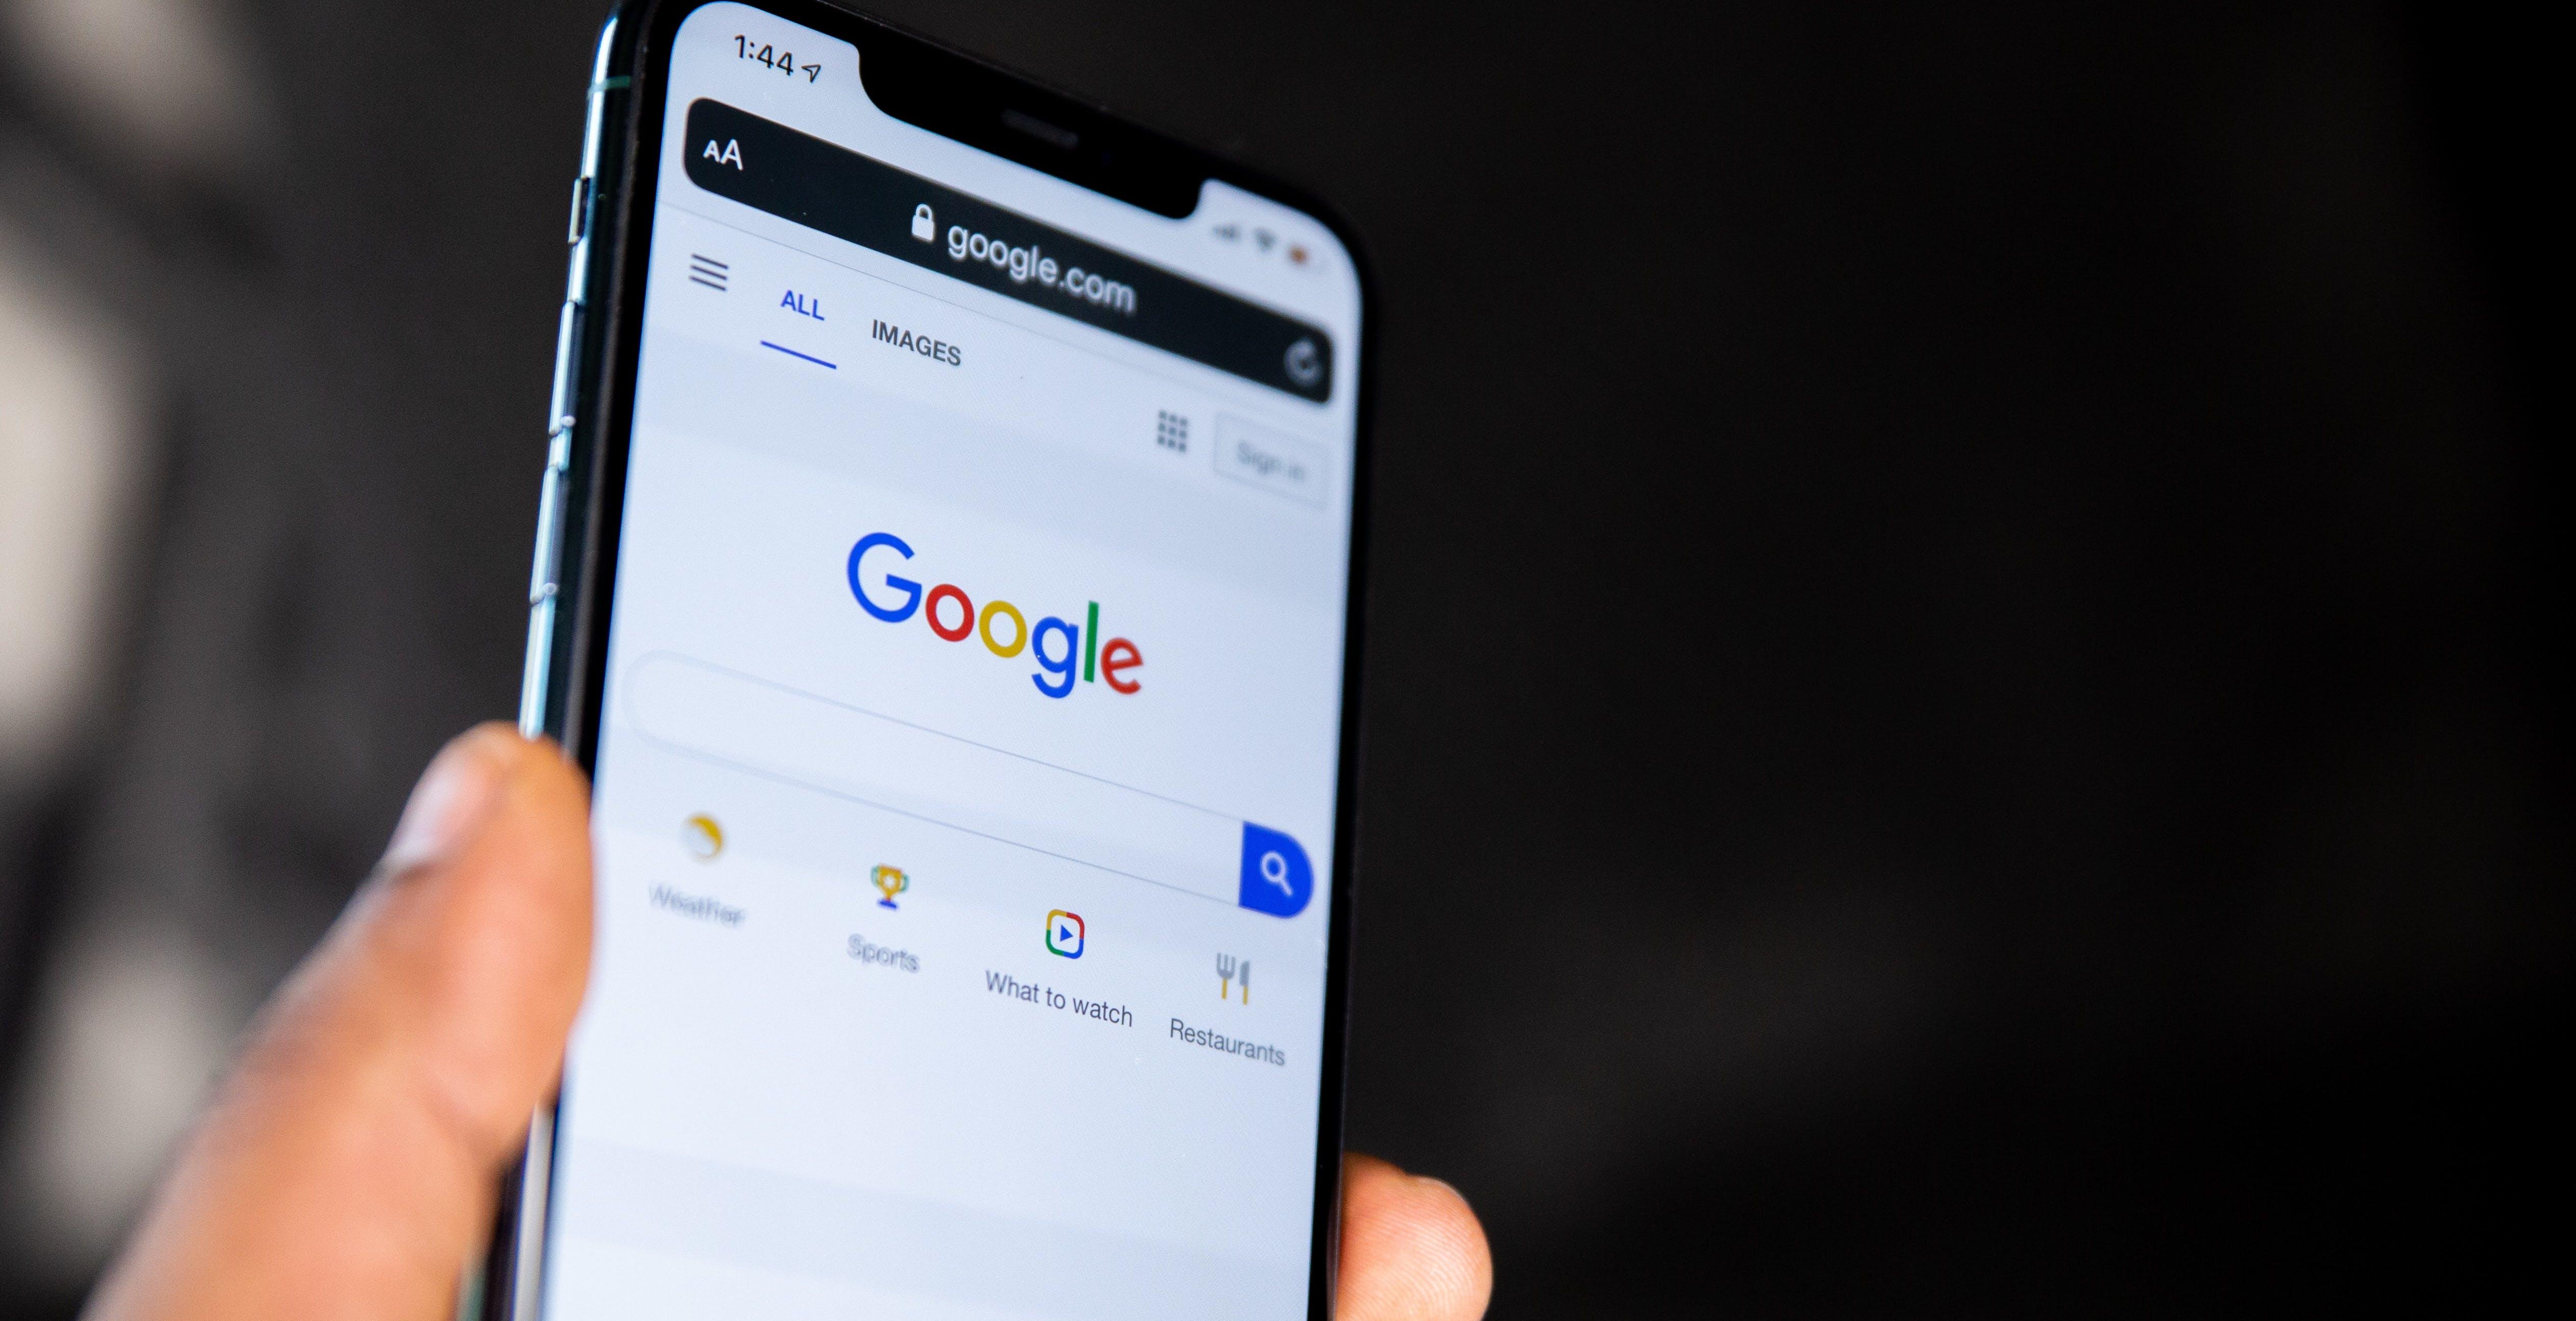 Le parole più ricercate su Google nel 2020: Coronavirus, Maradona e MES